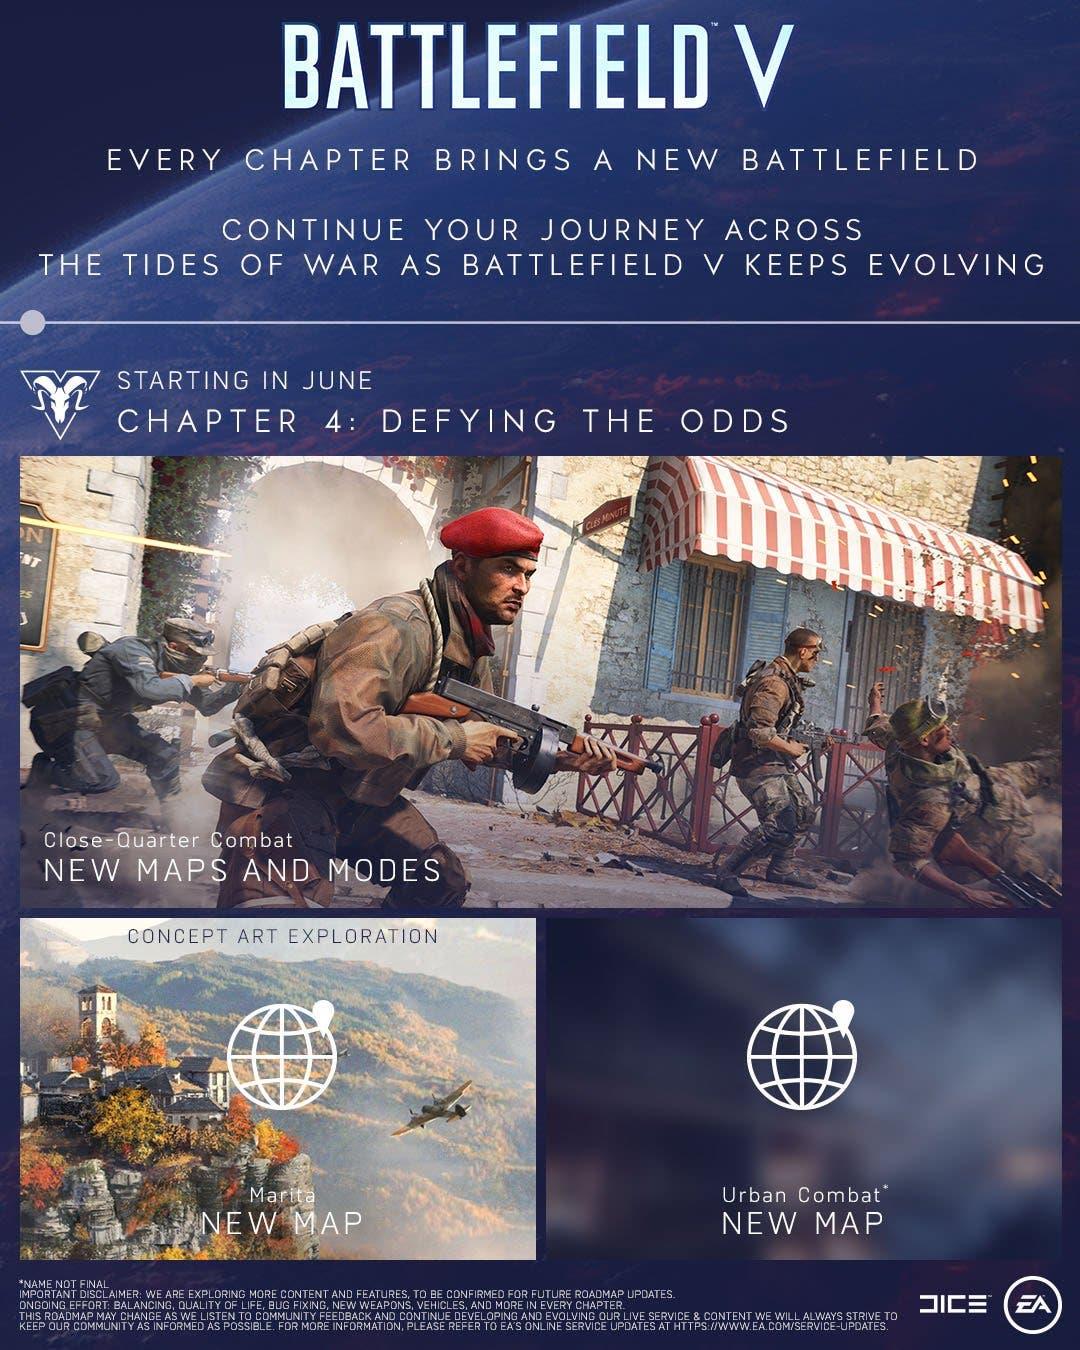 El capítulo 4 de Battlefield V incluirá hasta cuatro nuevos mapas